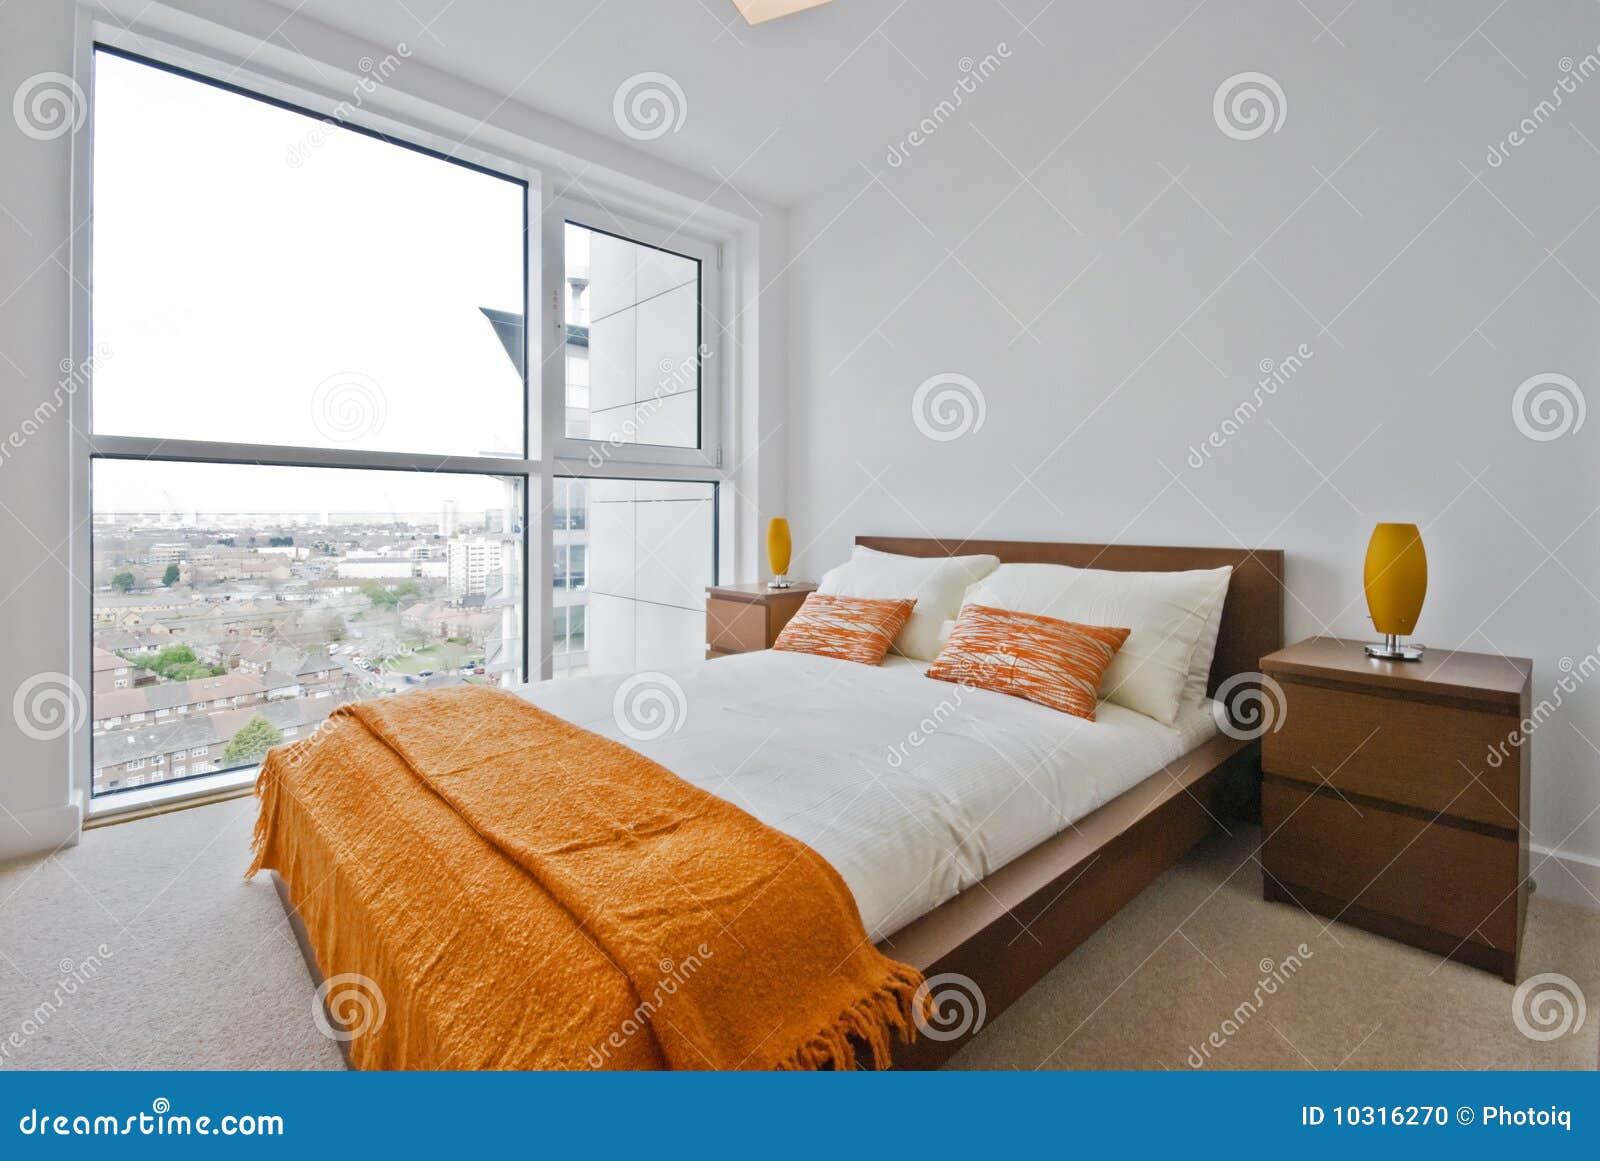 Camera da letto con il pavimento alle finestre del - Poltroncina camera da letto ...